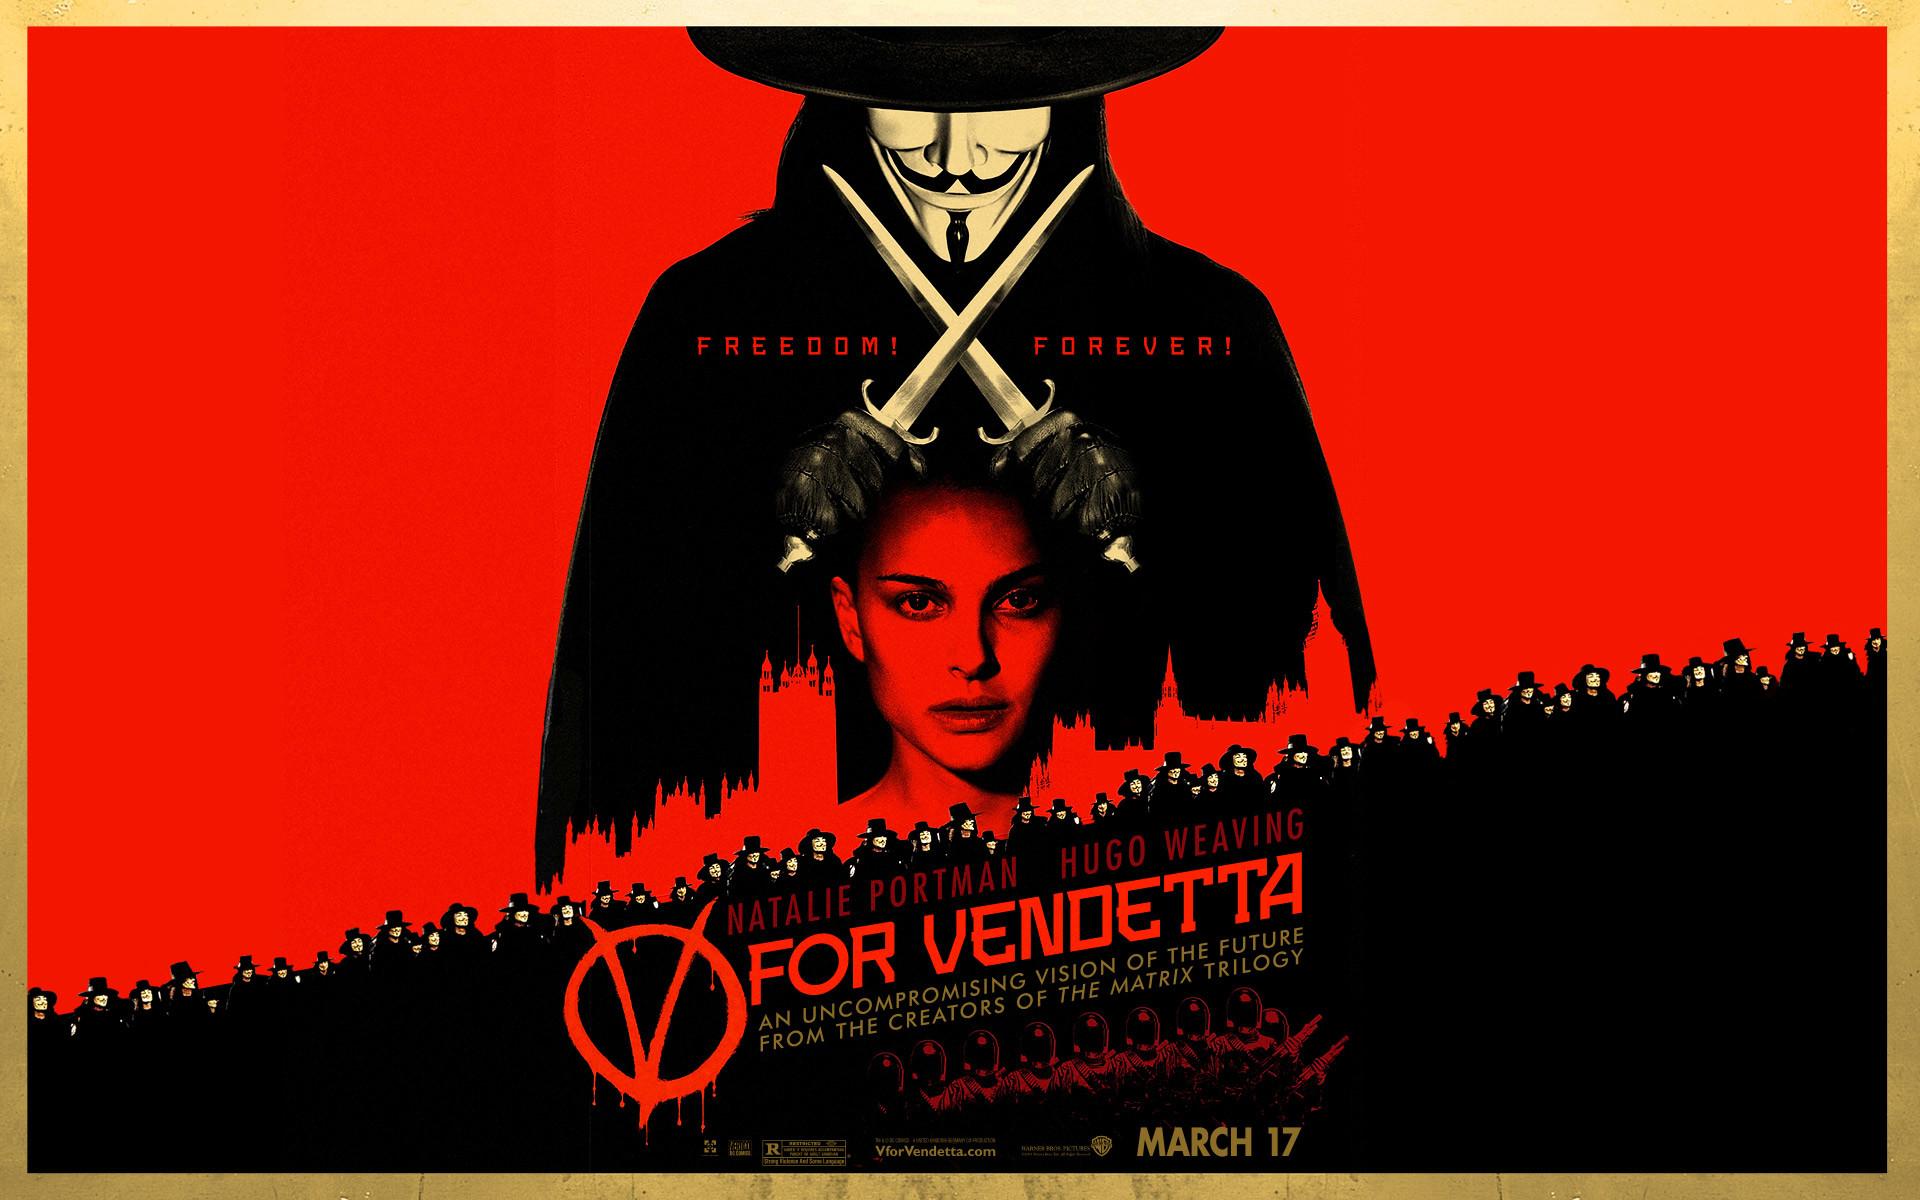 movie v for vendetta Wallpaper Backgrounds